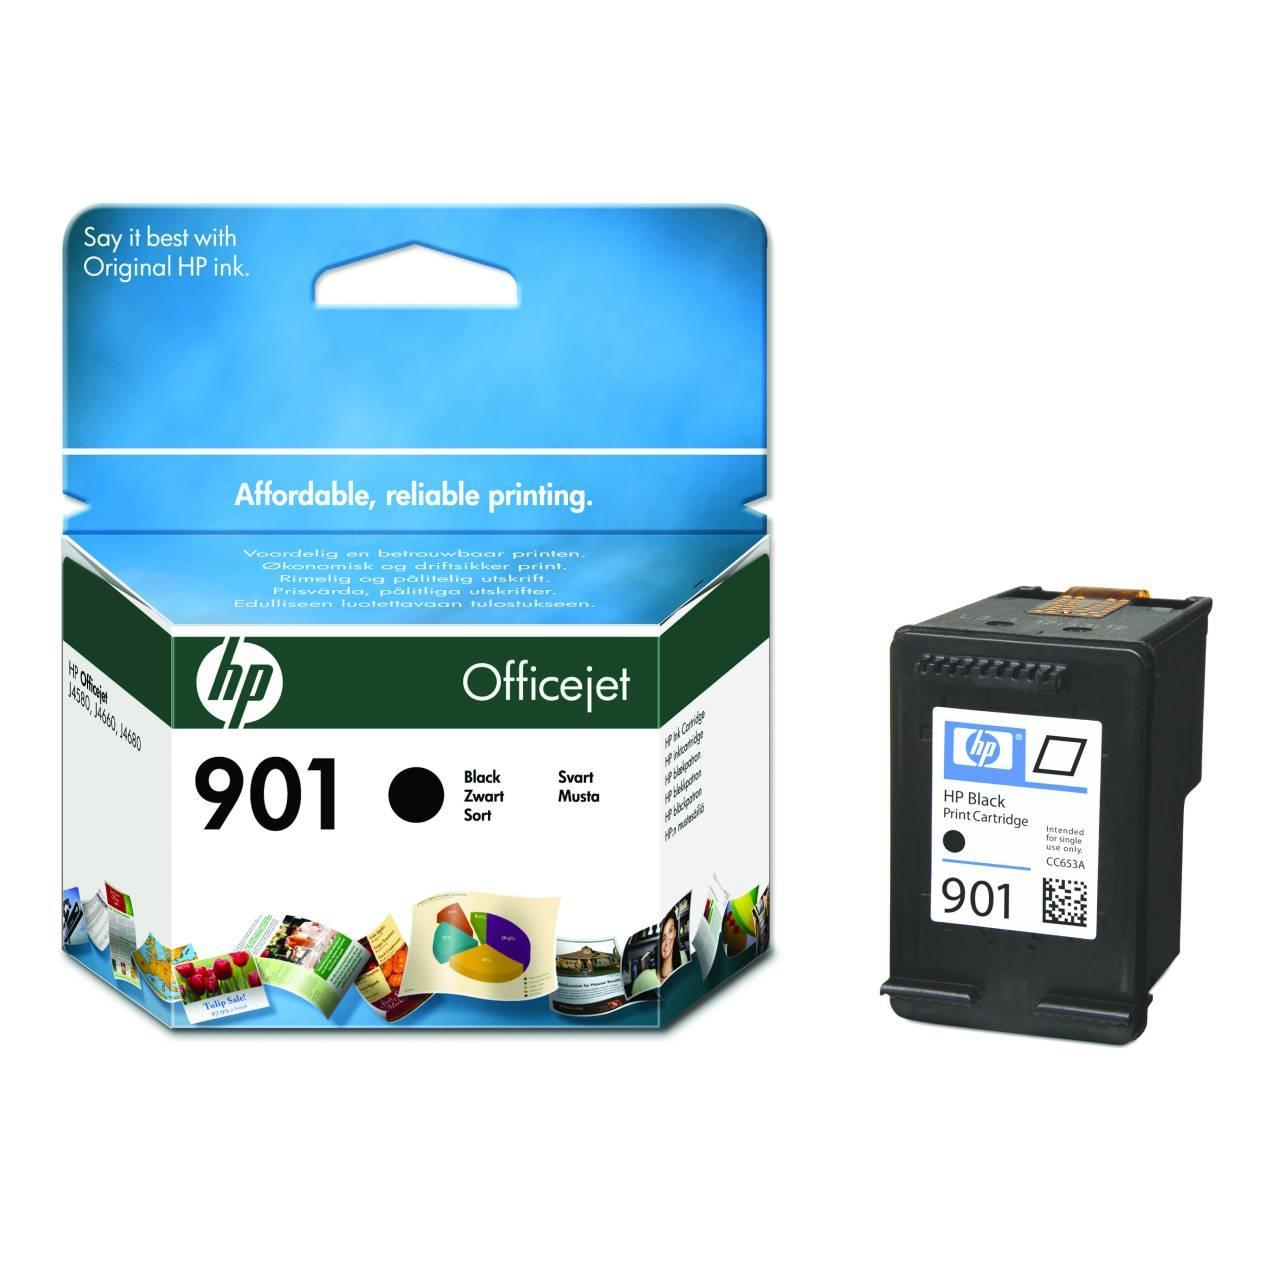 Картридж HP 901 OJ 4580/4660 Black 200 страниц